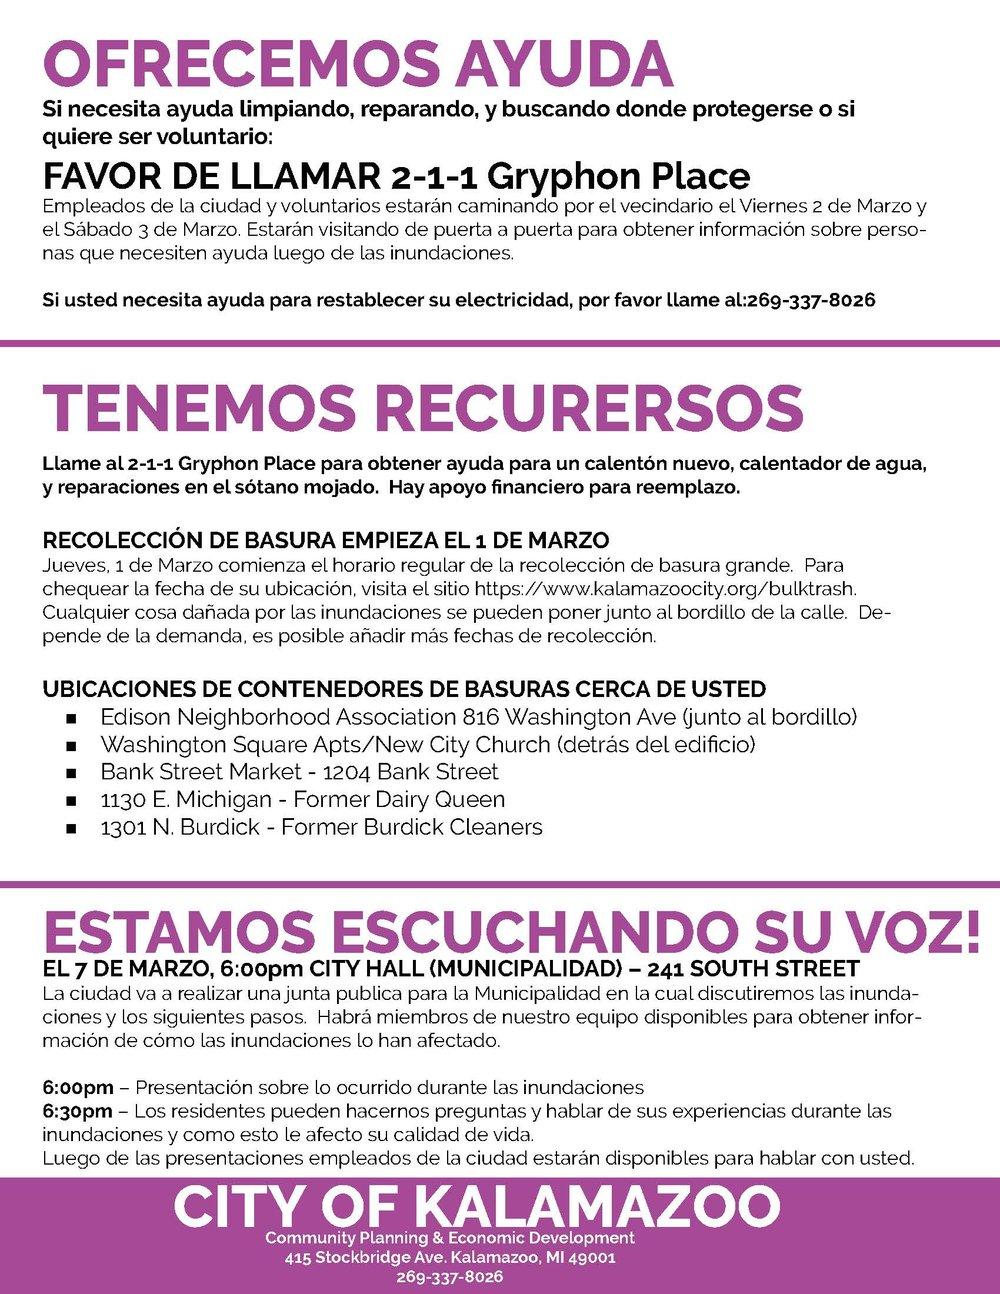 Resources Flyer v4 Spanish.jpg